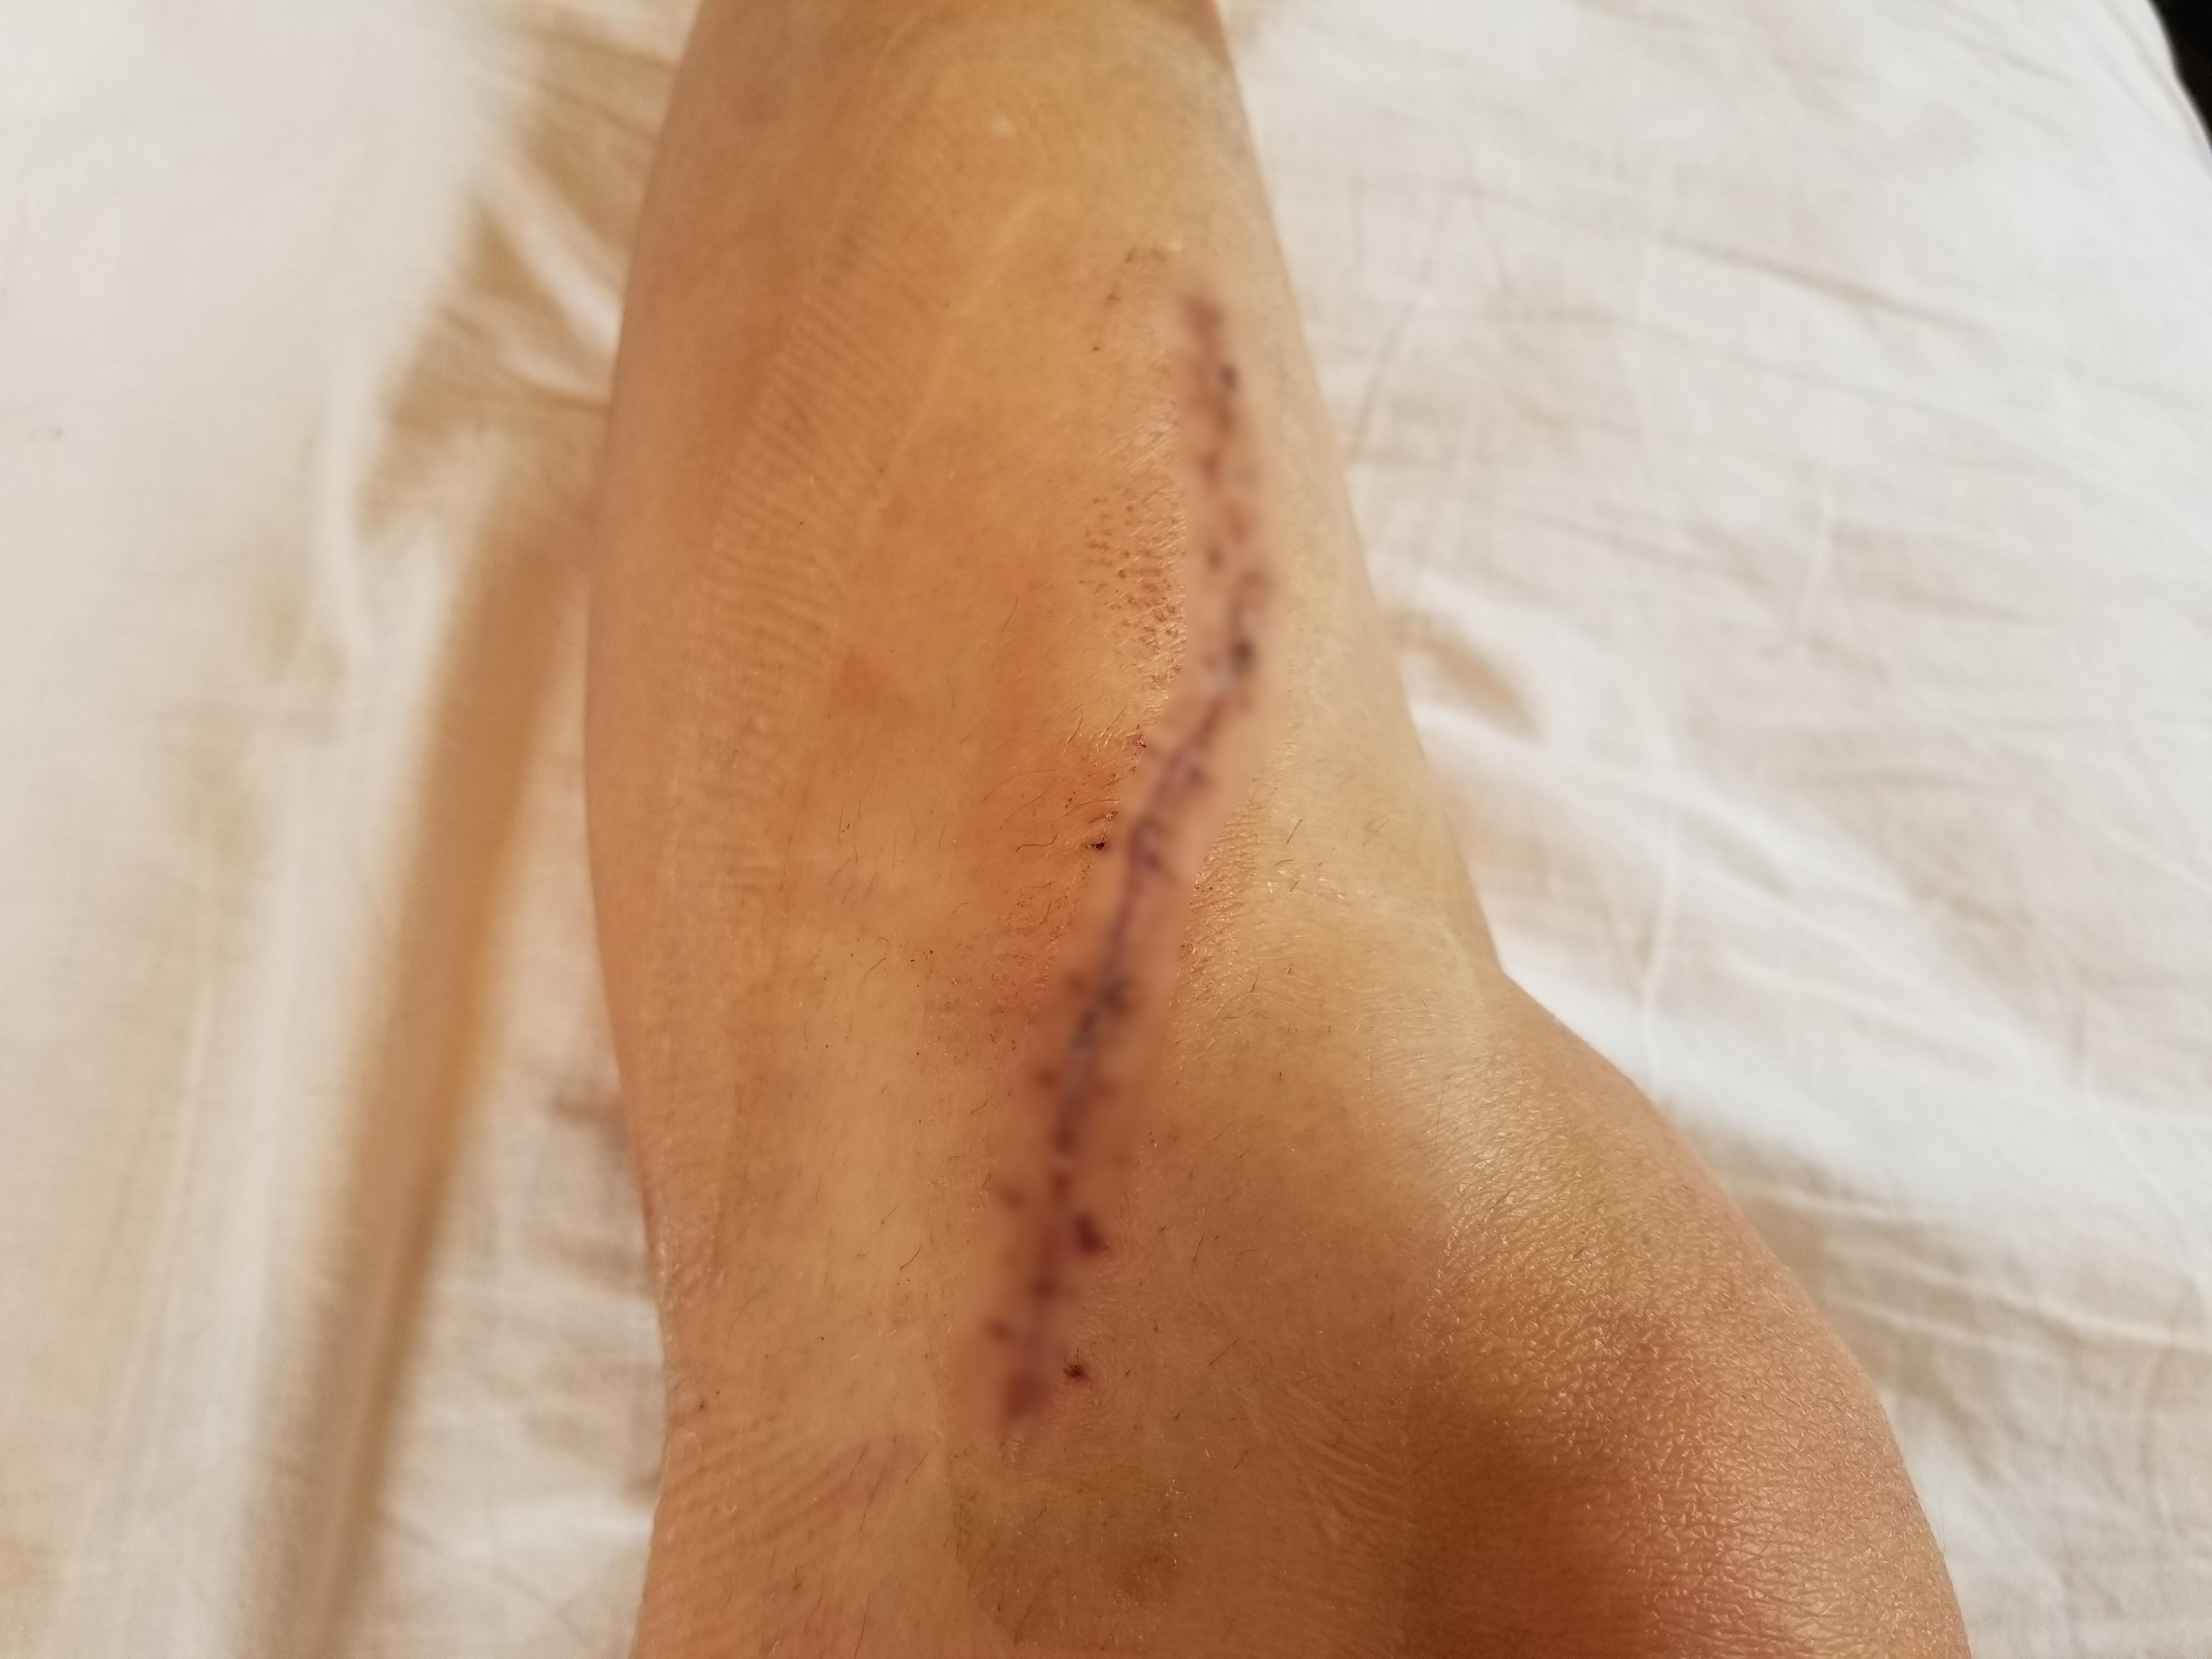 骨折日記38:抜釘手術10日後に抜糸しました